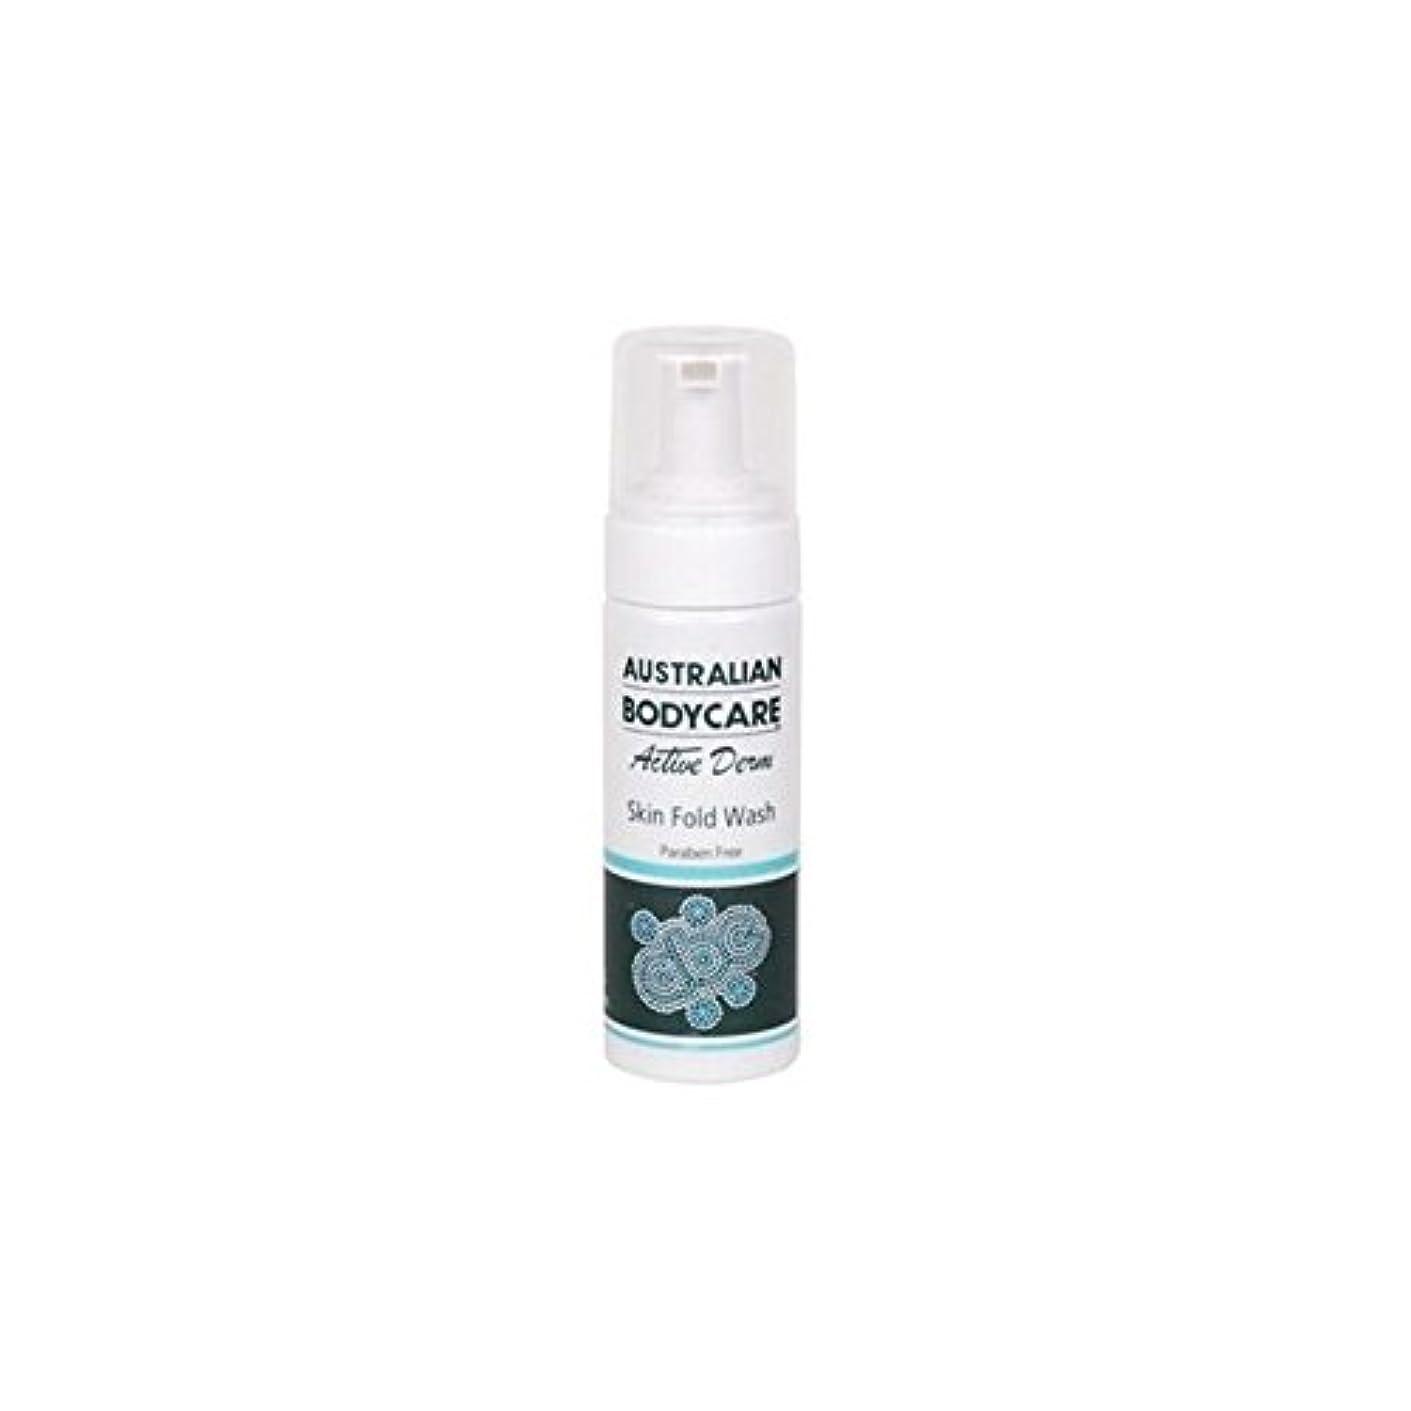 パキスタン鎮痛剤急速なAustralian Bodycare Active Derm Skin Fold Wash (150ml) - オーストラリアのボディケアアクティブダームの皮膚のひだの洗浄(150ミリリットル) [並行輸入品]